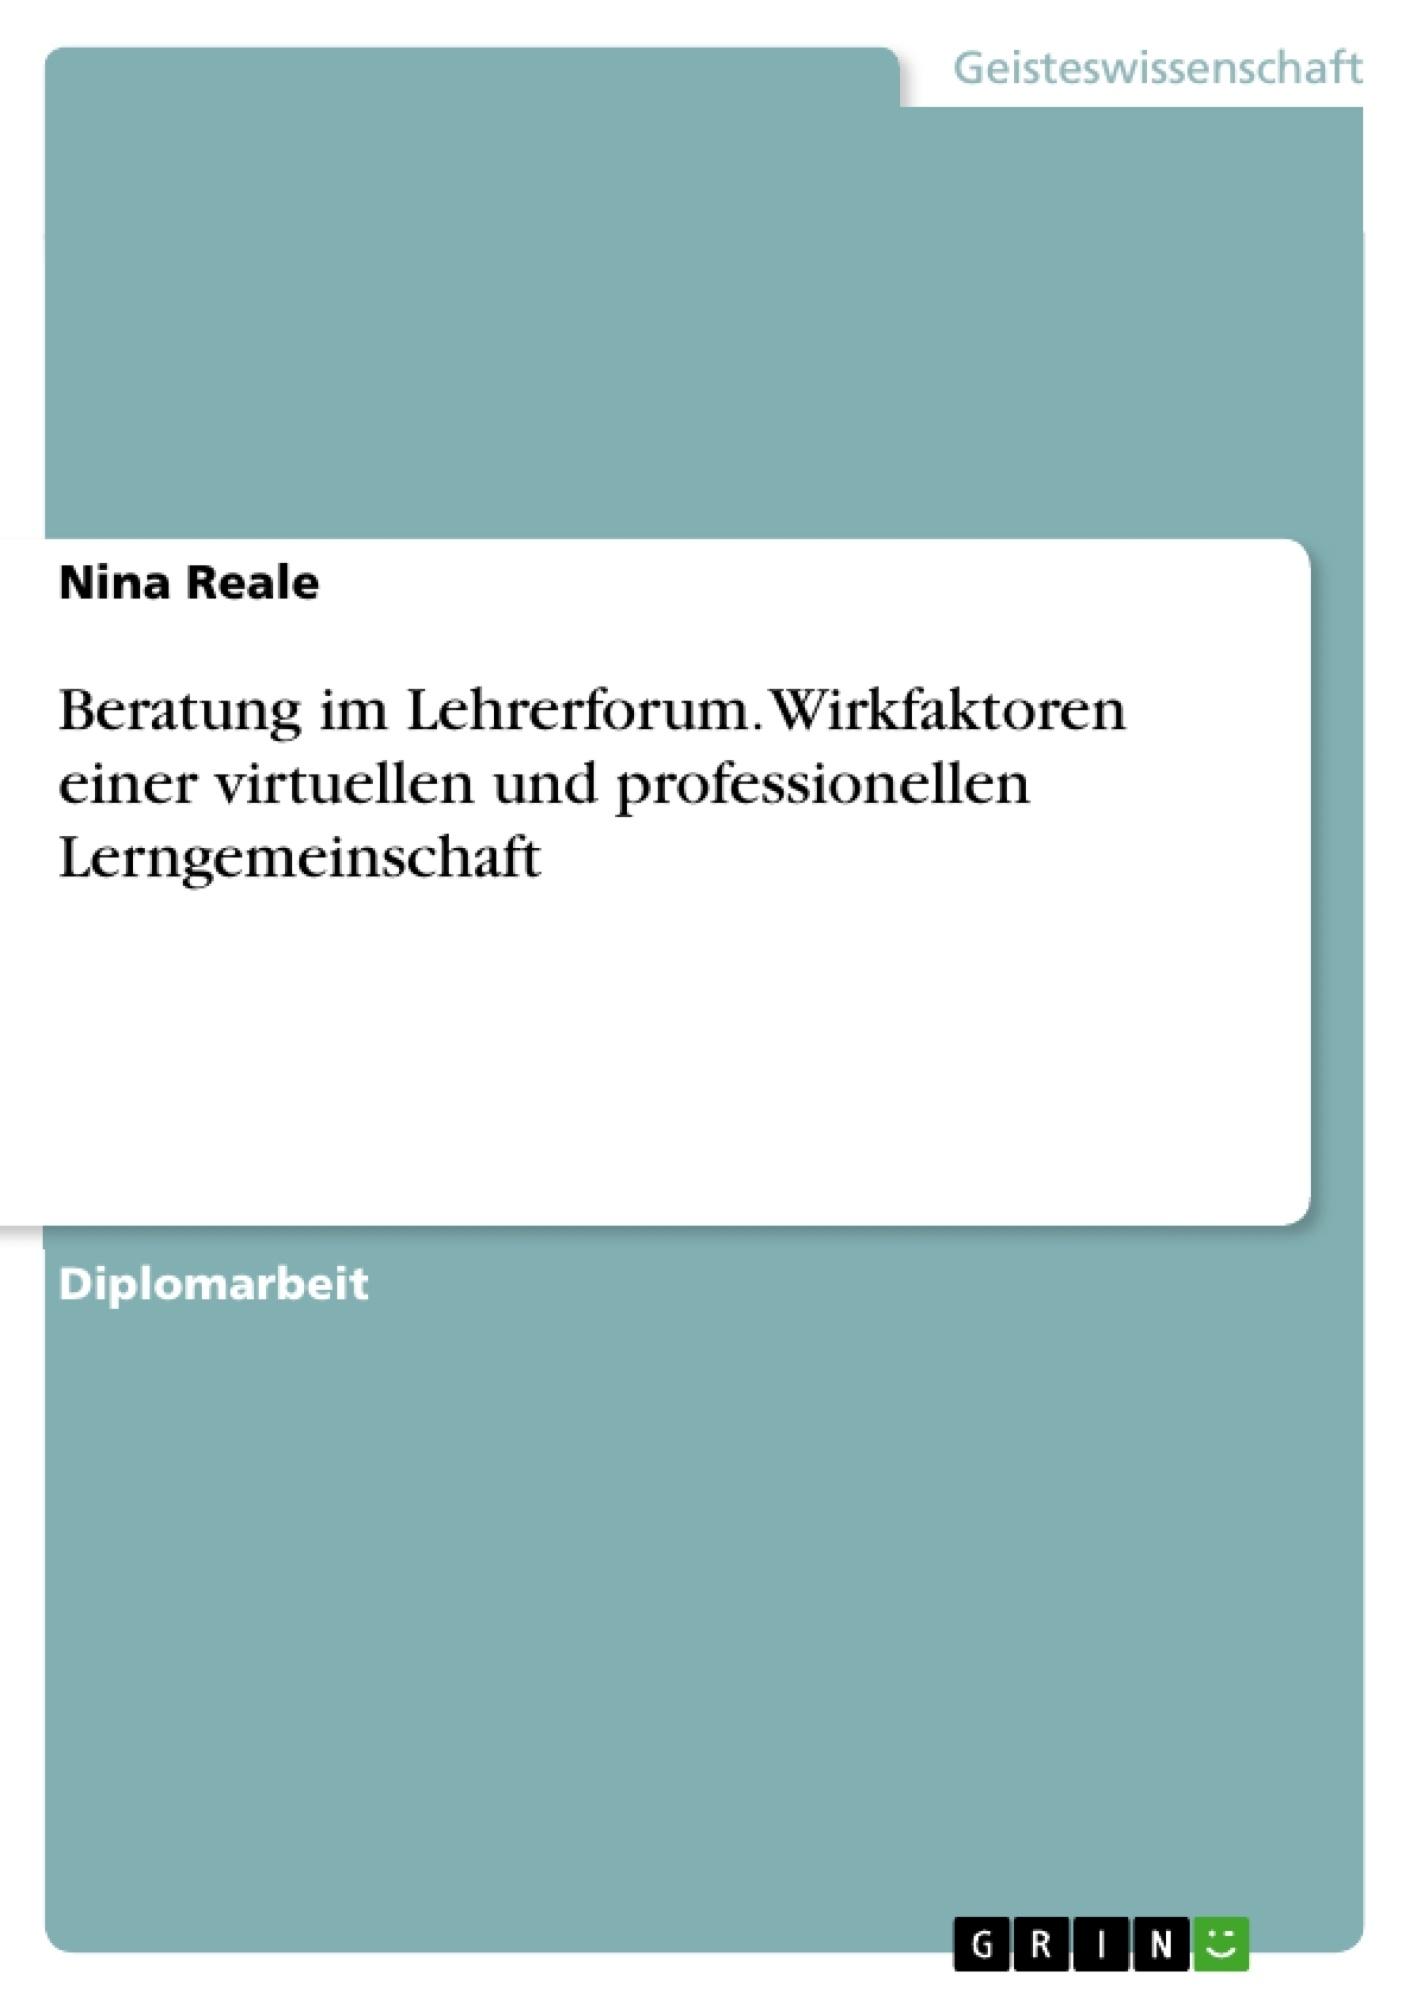 Titel: Beratung im Lehrerforum. Wirkfaktoren einer virtuellen und professionellen Lerngemeinschaft